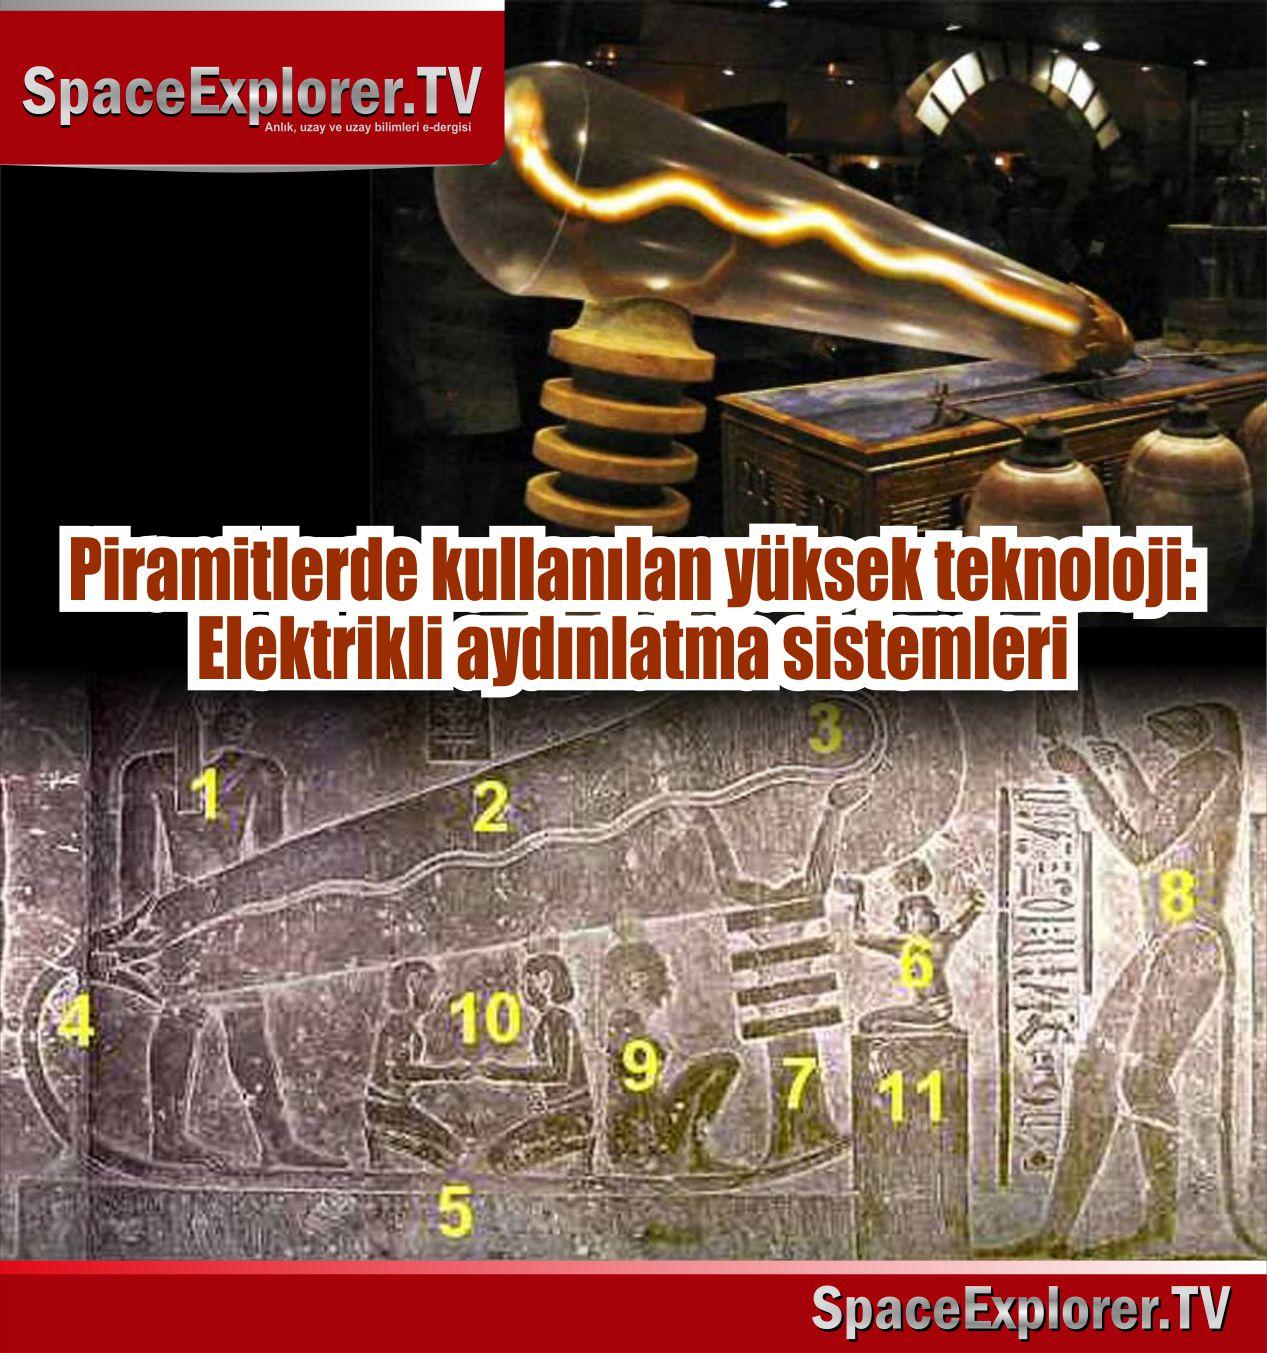 Geçmiş teknoloji devirleri, Süleyman aleyhisselam, Vezir Asaf, Piramitler, Antik Mısır, Mısır, Adem aleyhisselamdan öncesi, Space Explorer,